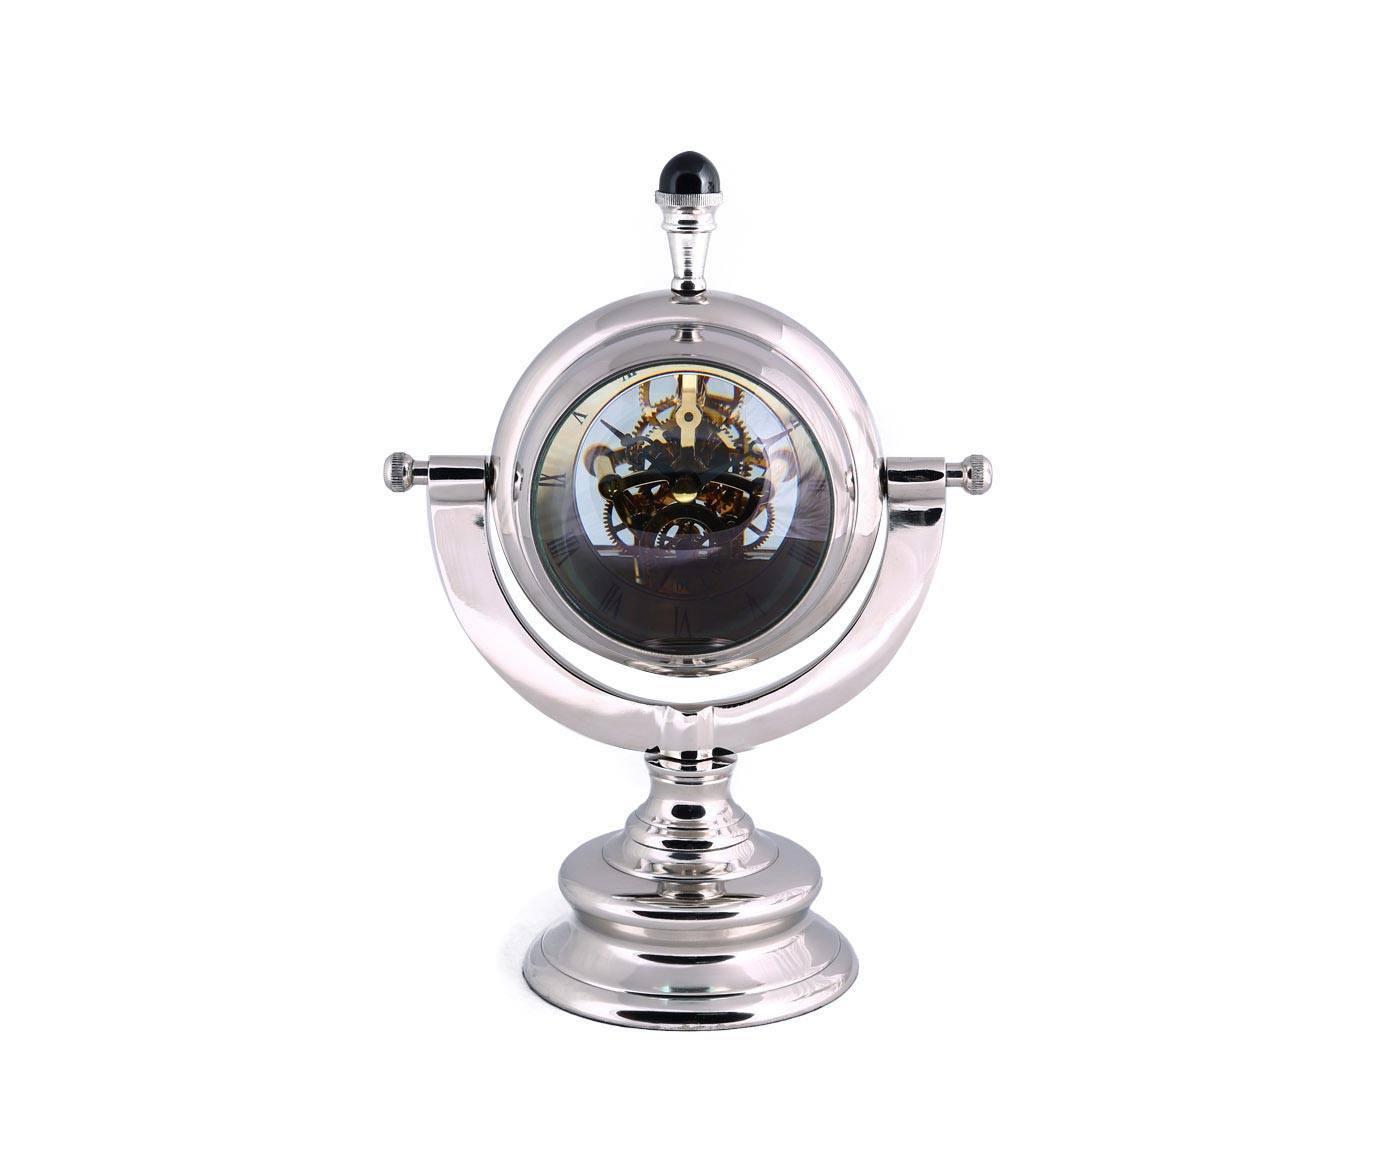 Настольные часы ЛиотоНастольные часы<br>Привлекательный внешний облик настольных часов Лиото точно не останется без внимания. Это не просто полезный и практичный аксессуар для Вашего дома. Это футуристическая диковинка, необычная вещица с космическим дизайном, захватывающим воображение. Ультрамодные и винтажные одновременно - современные настольные часы радуют глаз и украшают интерьер. Прозрачный корпус позволяет рассмотреть движение механизма.<br><br>Необычные часы - это не только оригинальный аксессуар, но и универсальный подарок. С появлением такого элемента интерьера Ваш дом преображается и становится совершенно особенным. Неординарный дизайн часов порадует любителей красивых и стильных подарков.<br><br>Material: Металл<br>Width см: 23<br>Depth см: 14<br>Height см: 32